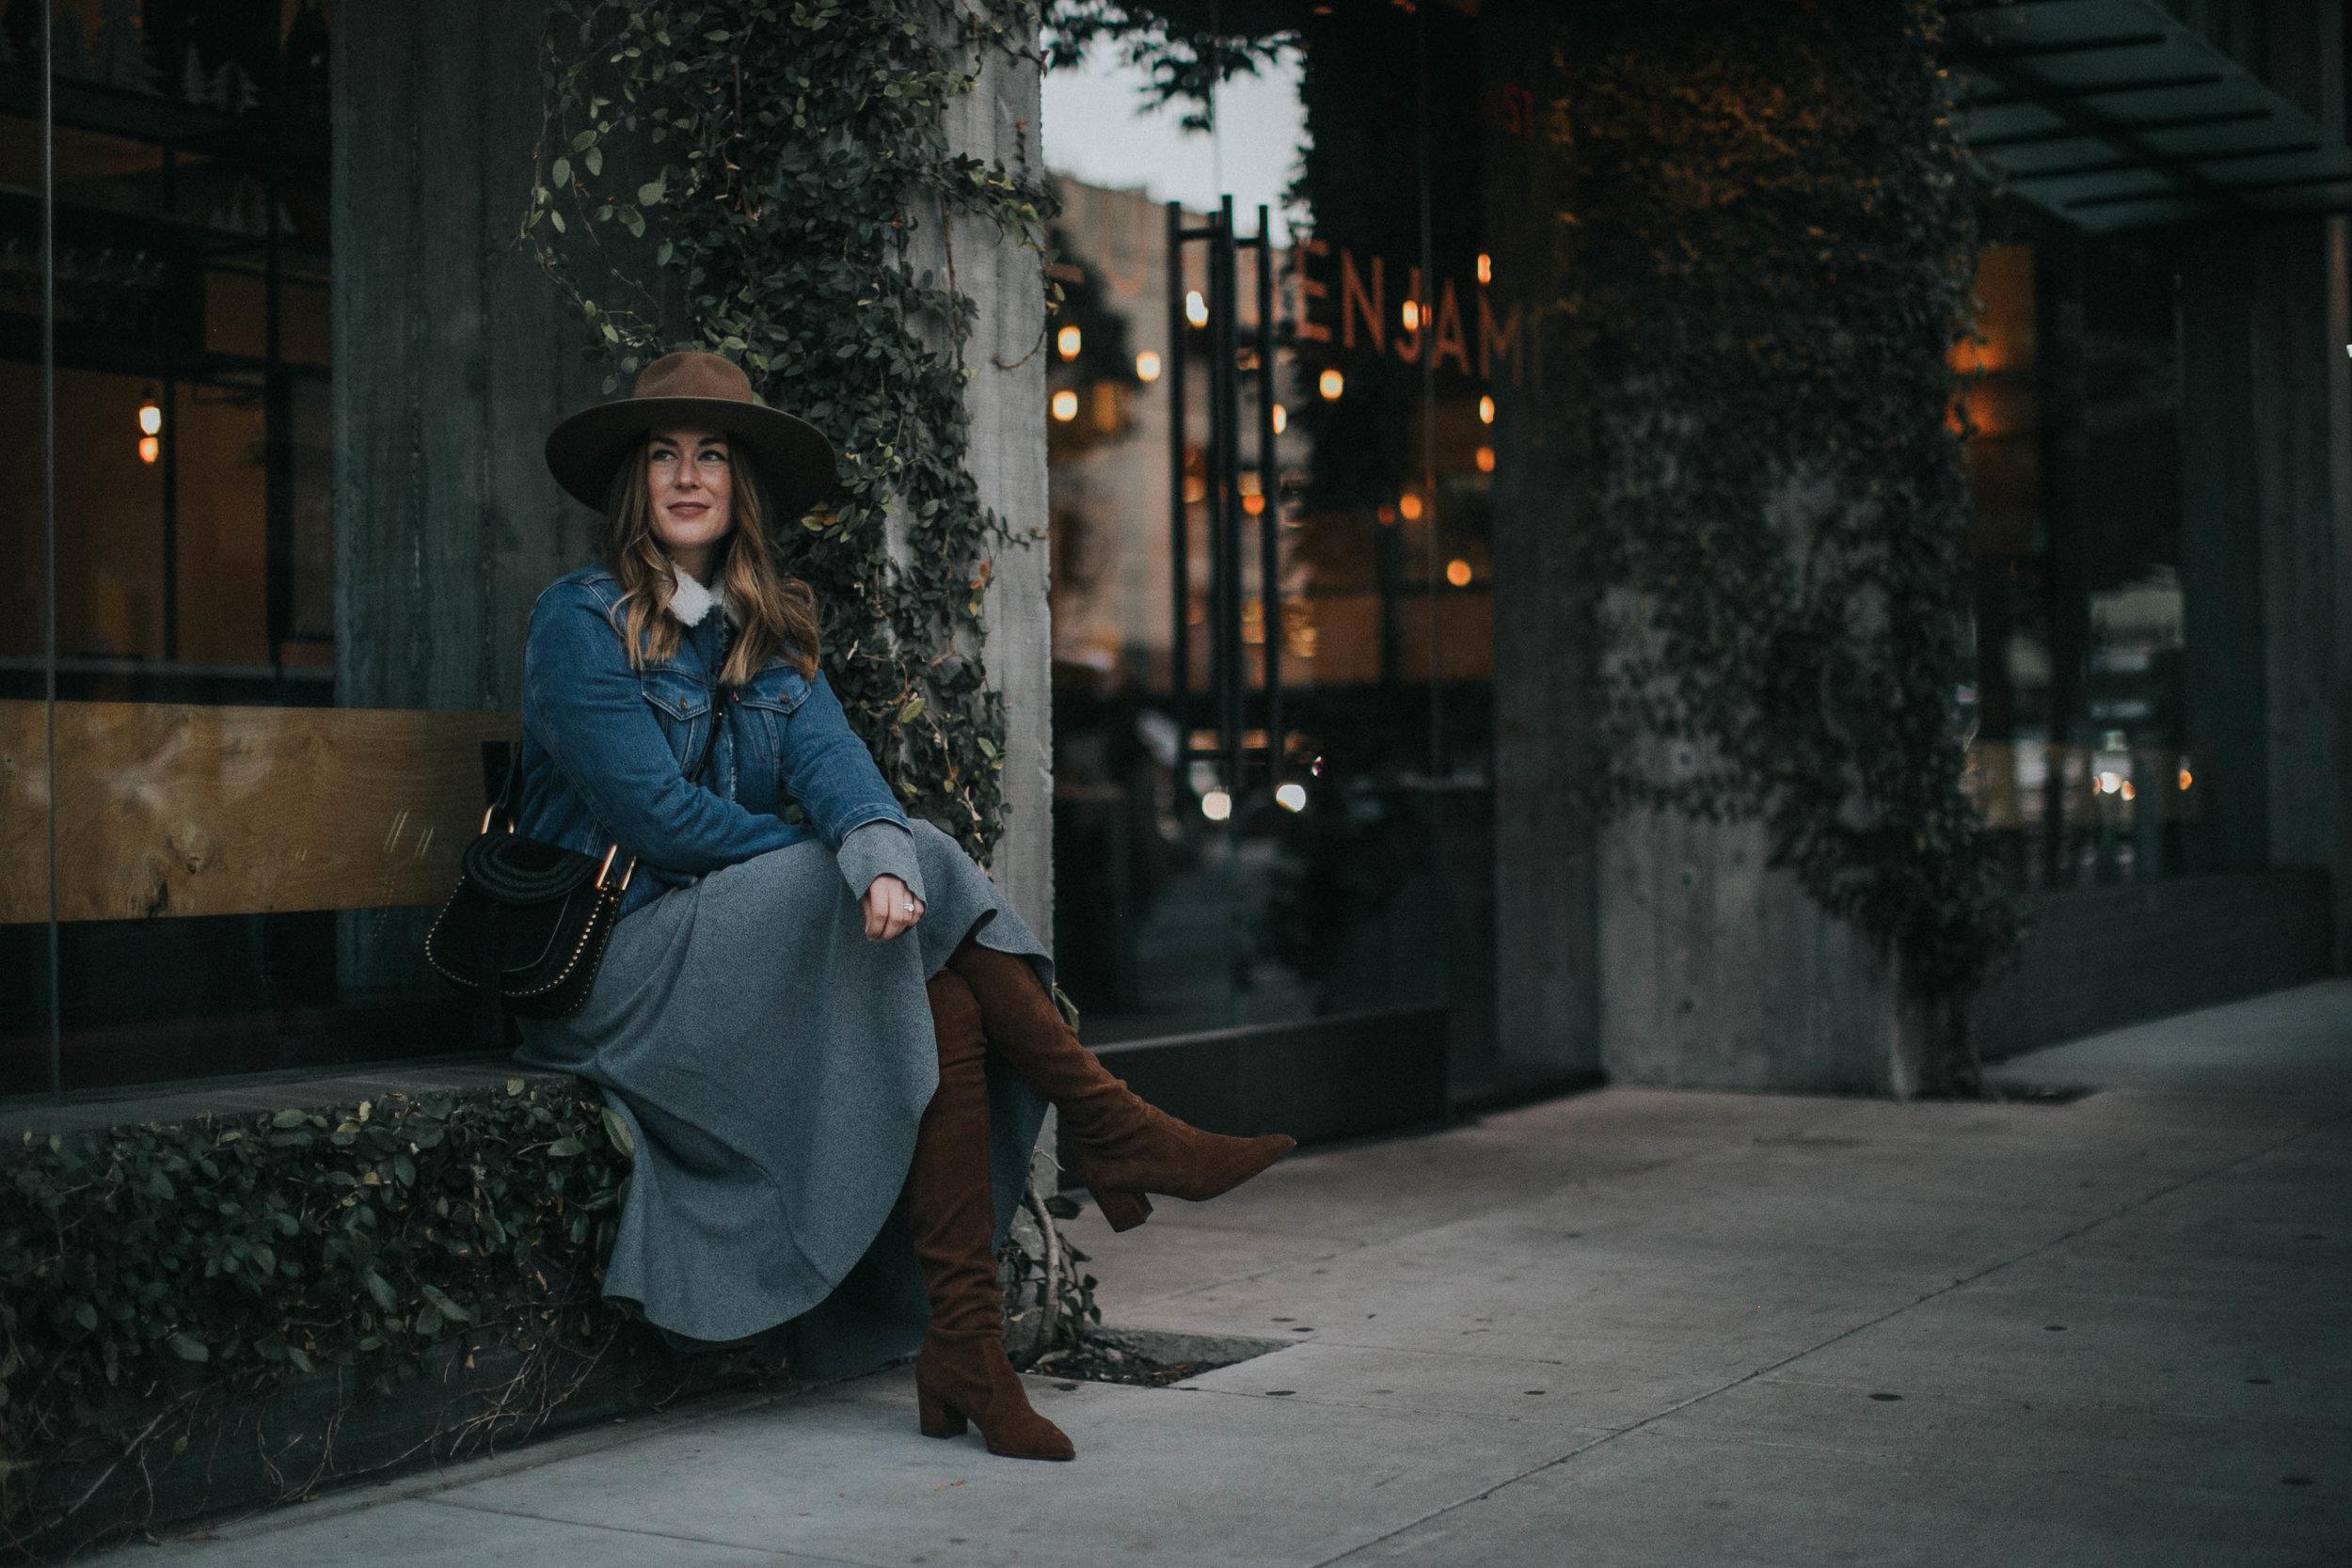 purse  Chloé  | hat  Brixton  | jacket  Levi's  +  Anthropologie  | dress  H&M  | boots  Stuart Weitzman